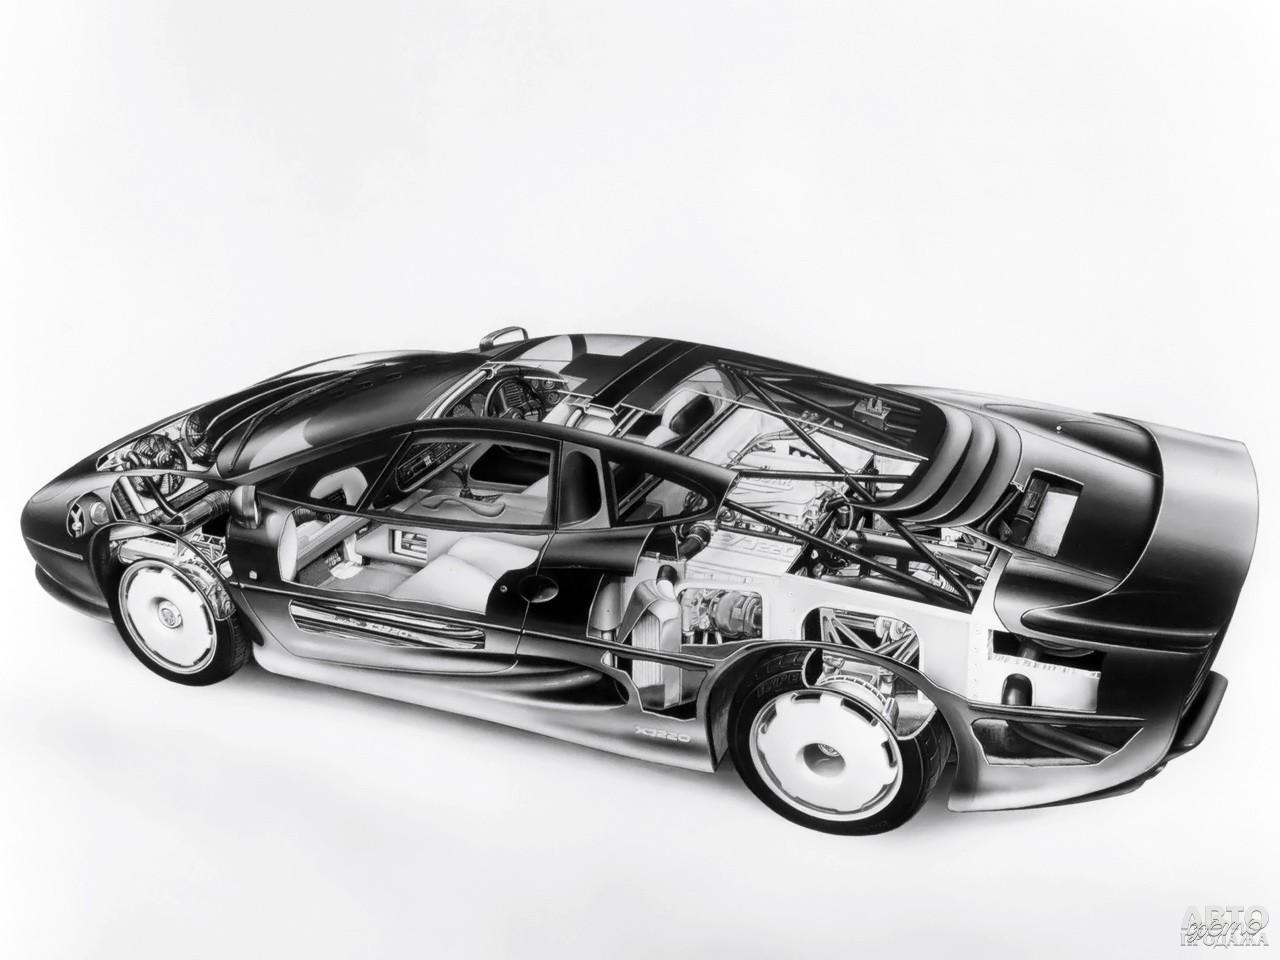 Разработчикам пришлось отказаться от V12, полного привода и управляемых задних колес